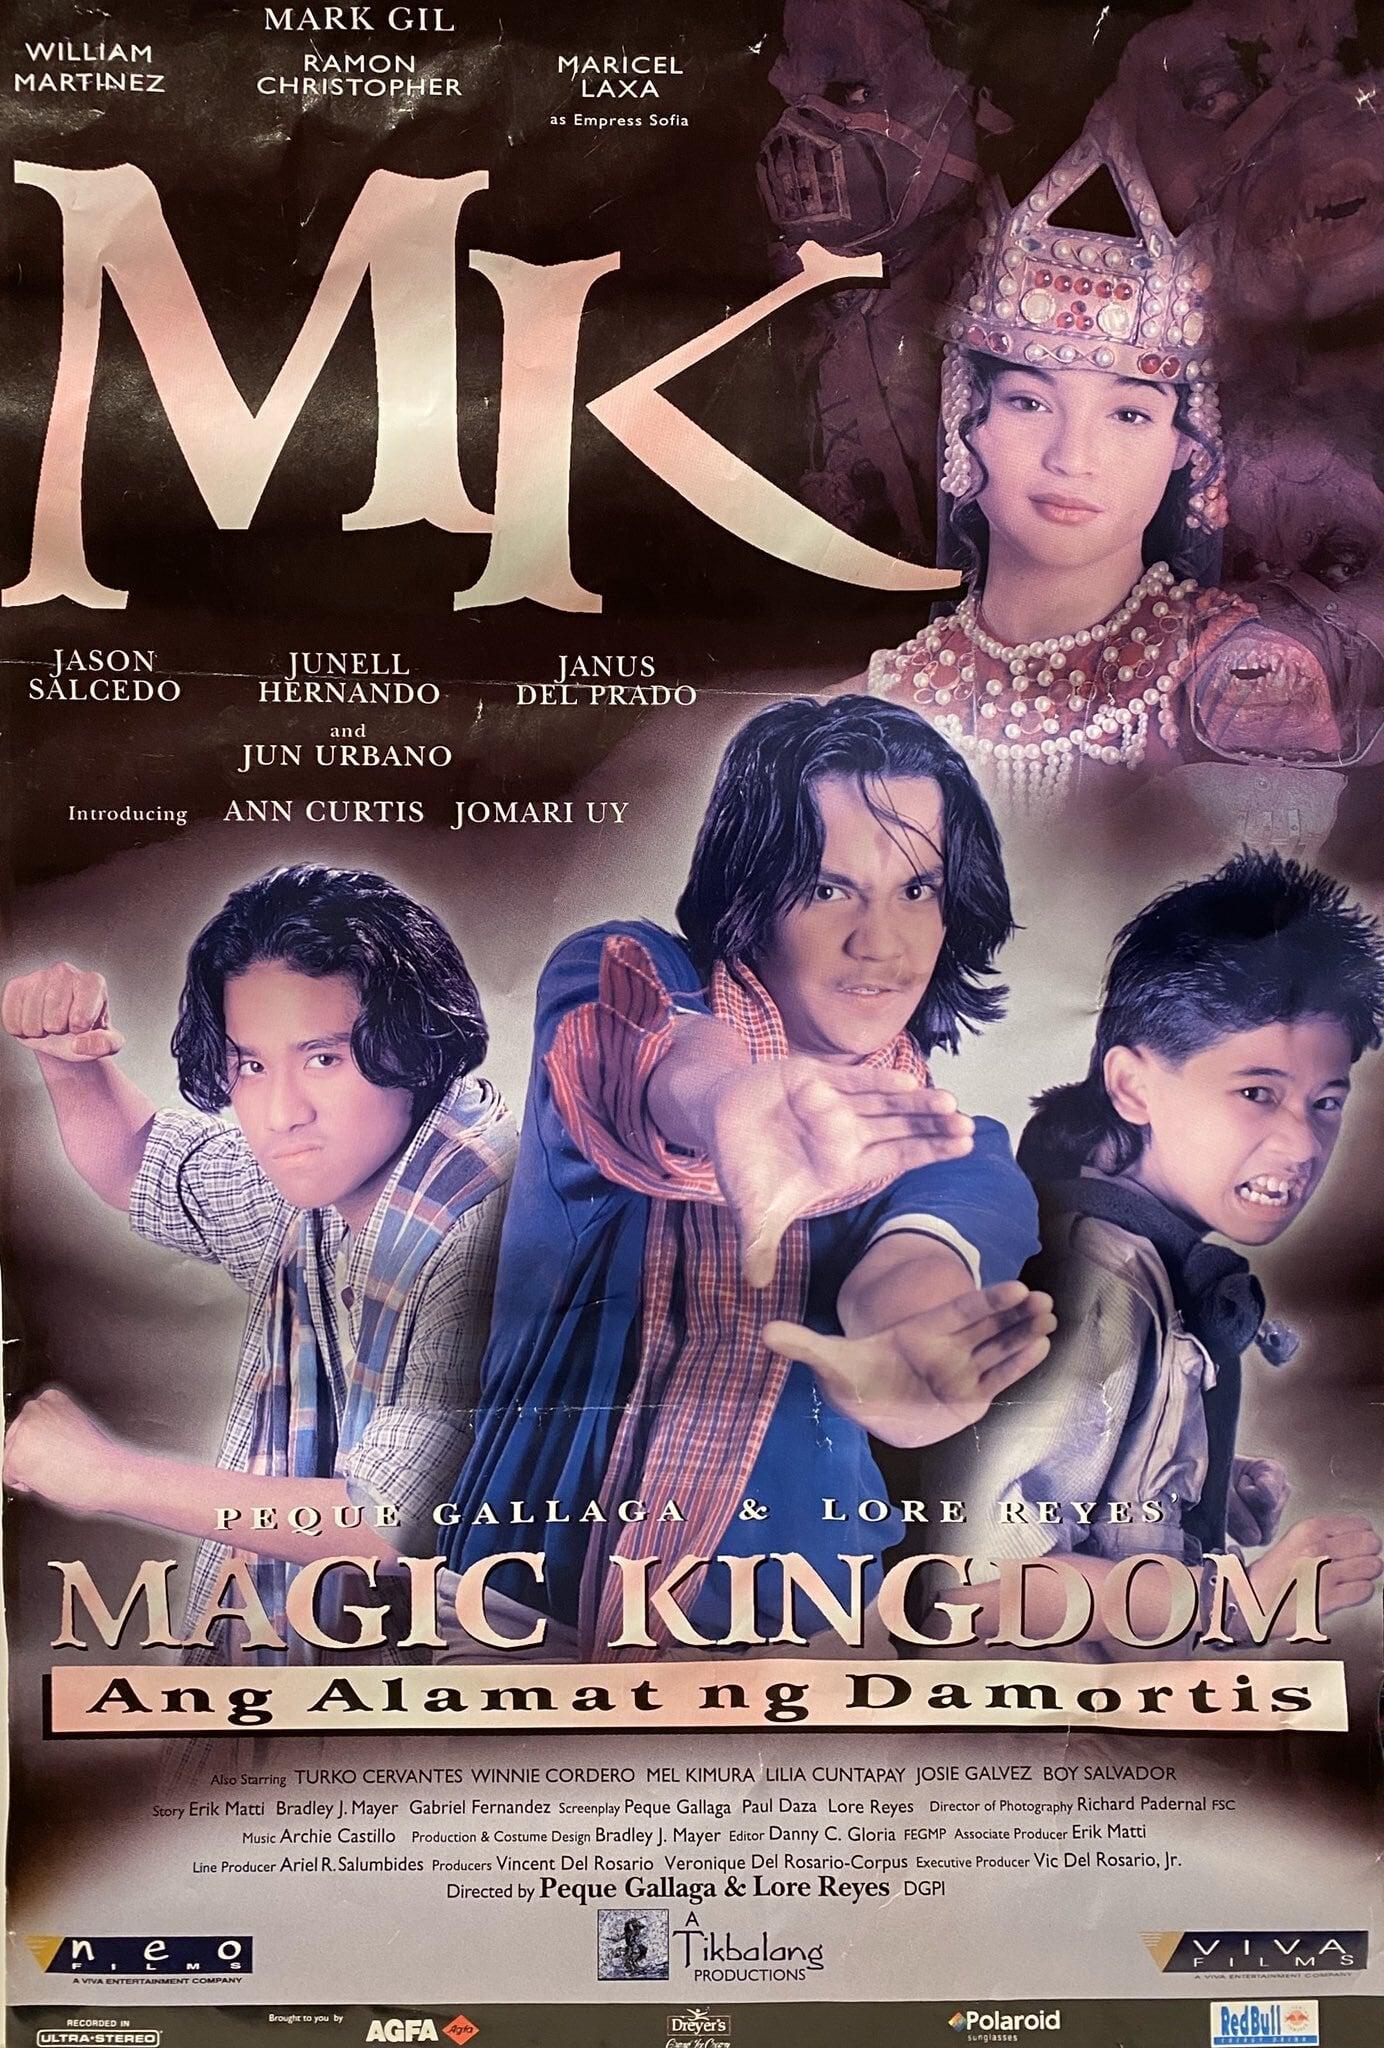 Magic Kingdom: Alamat ng Damortis